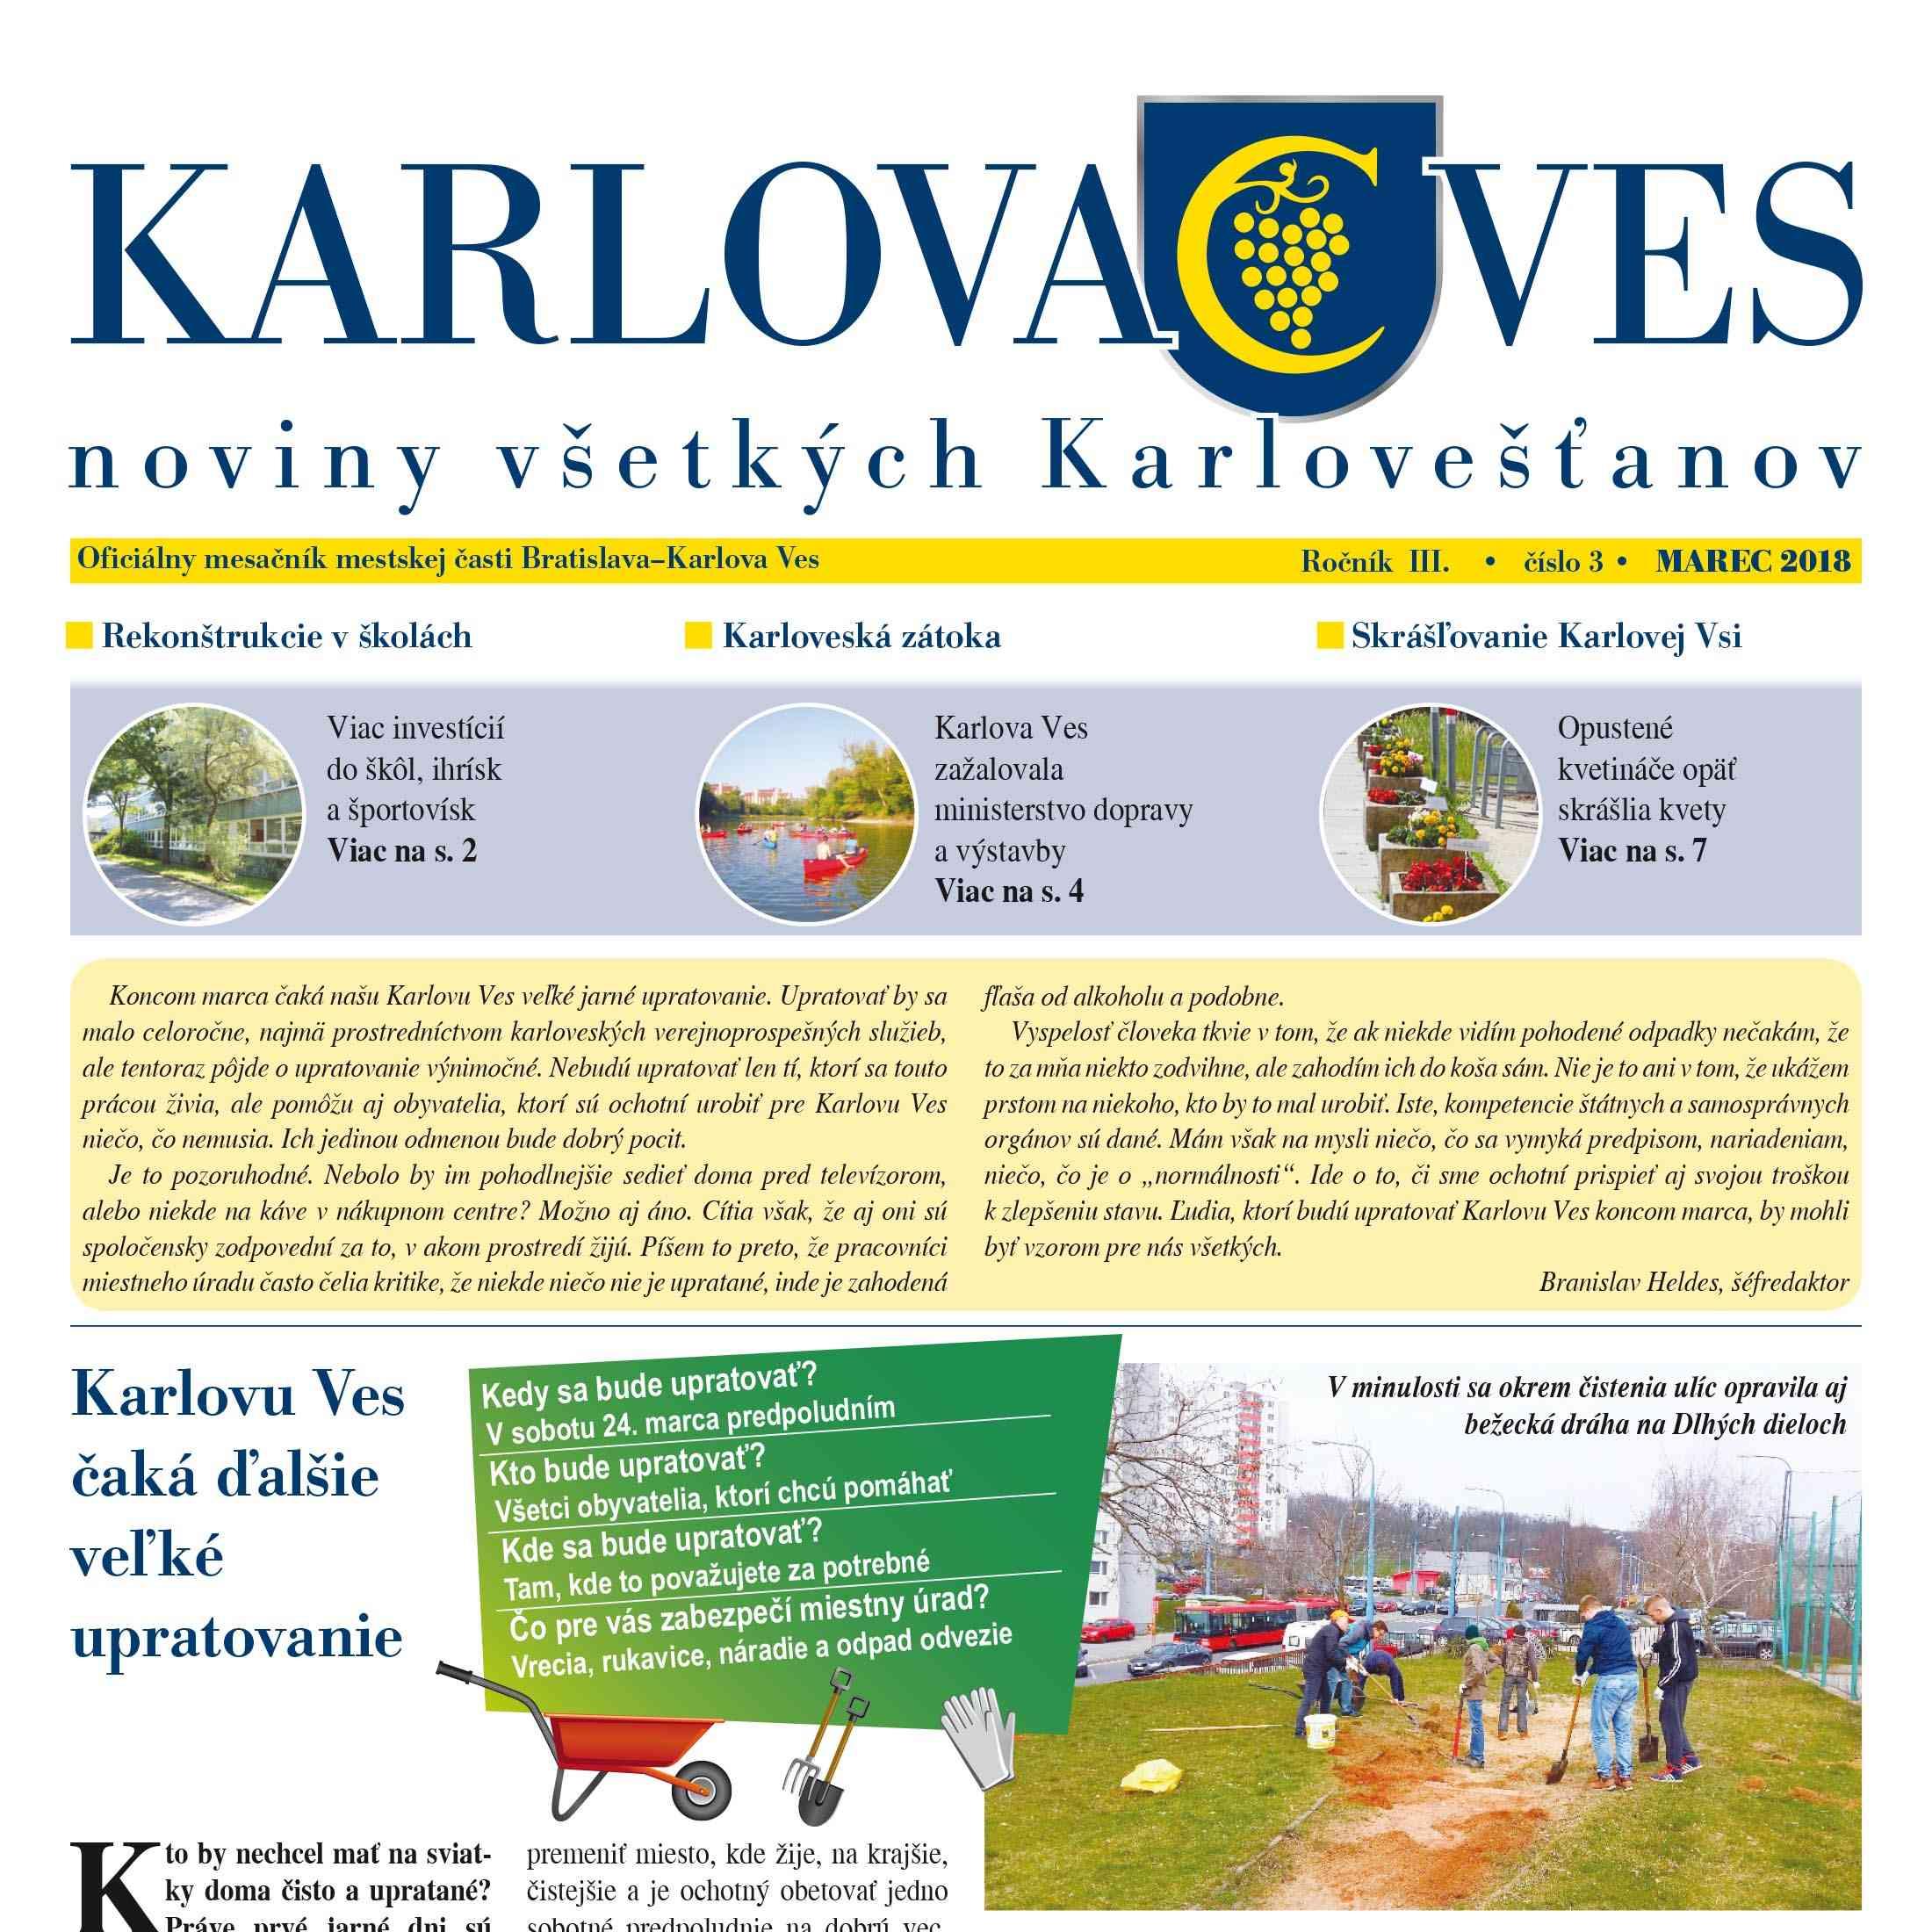 Vyšlo marcové číslo mesačníka KARLOVA VES – noviny všetkých Karlovešťanov